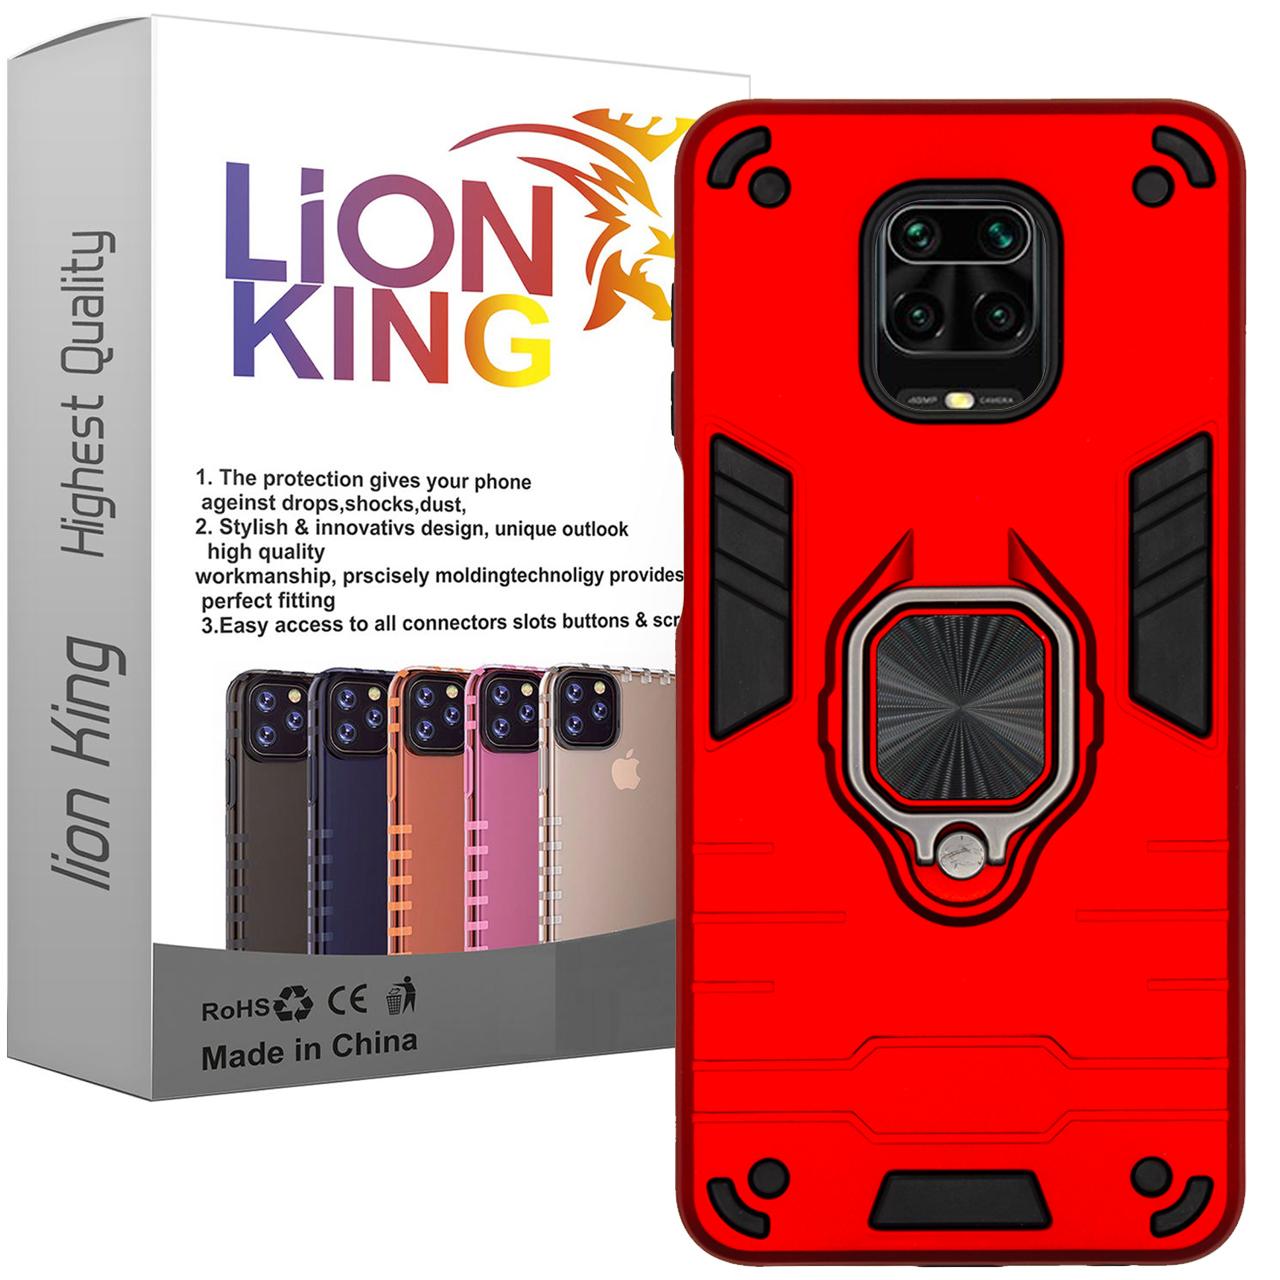 کاور لاین کینگ مدل ASH22 مناسب برای گوشی موبایل  شیائومی Redmi Note 9S / Note 9 Pro / Note 9 Pro Max              ( قیمت و خرید)